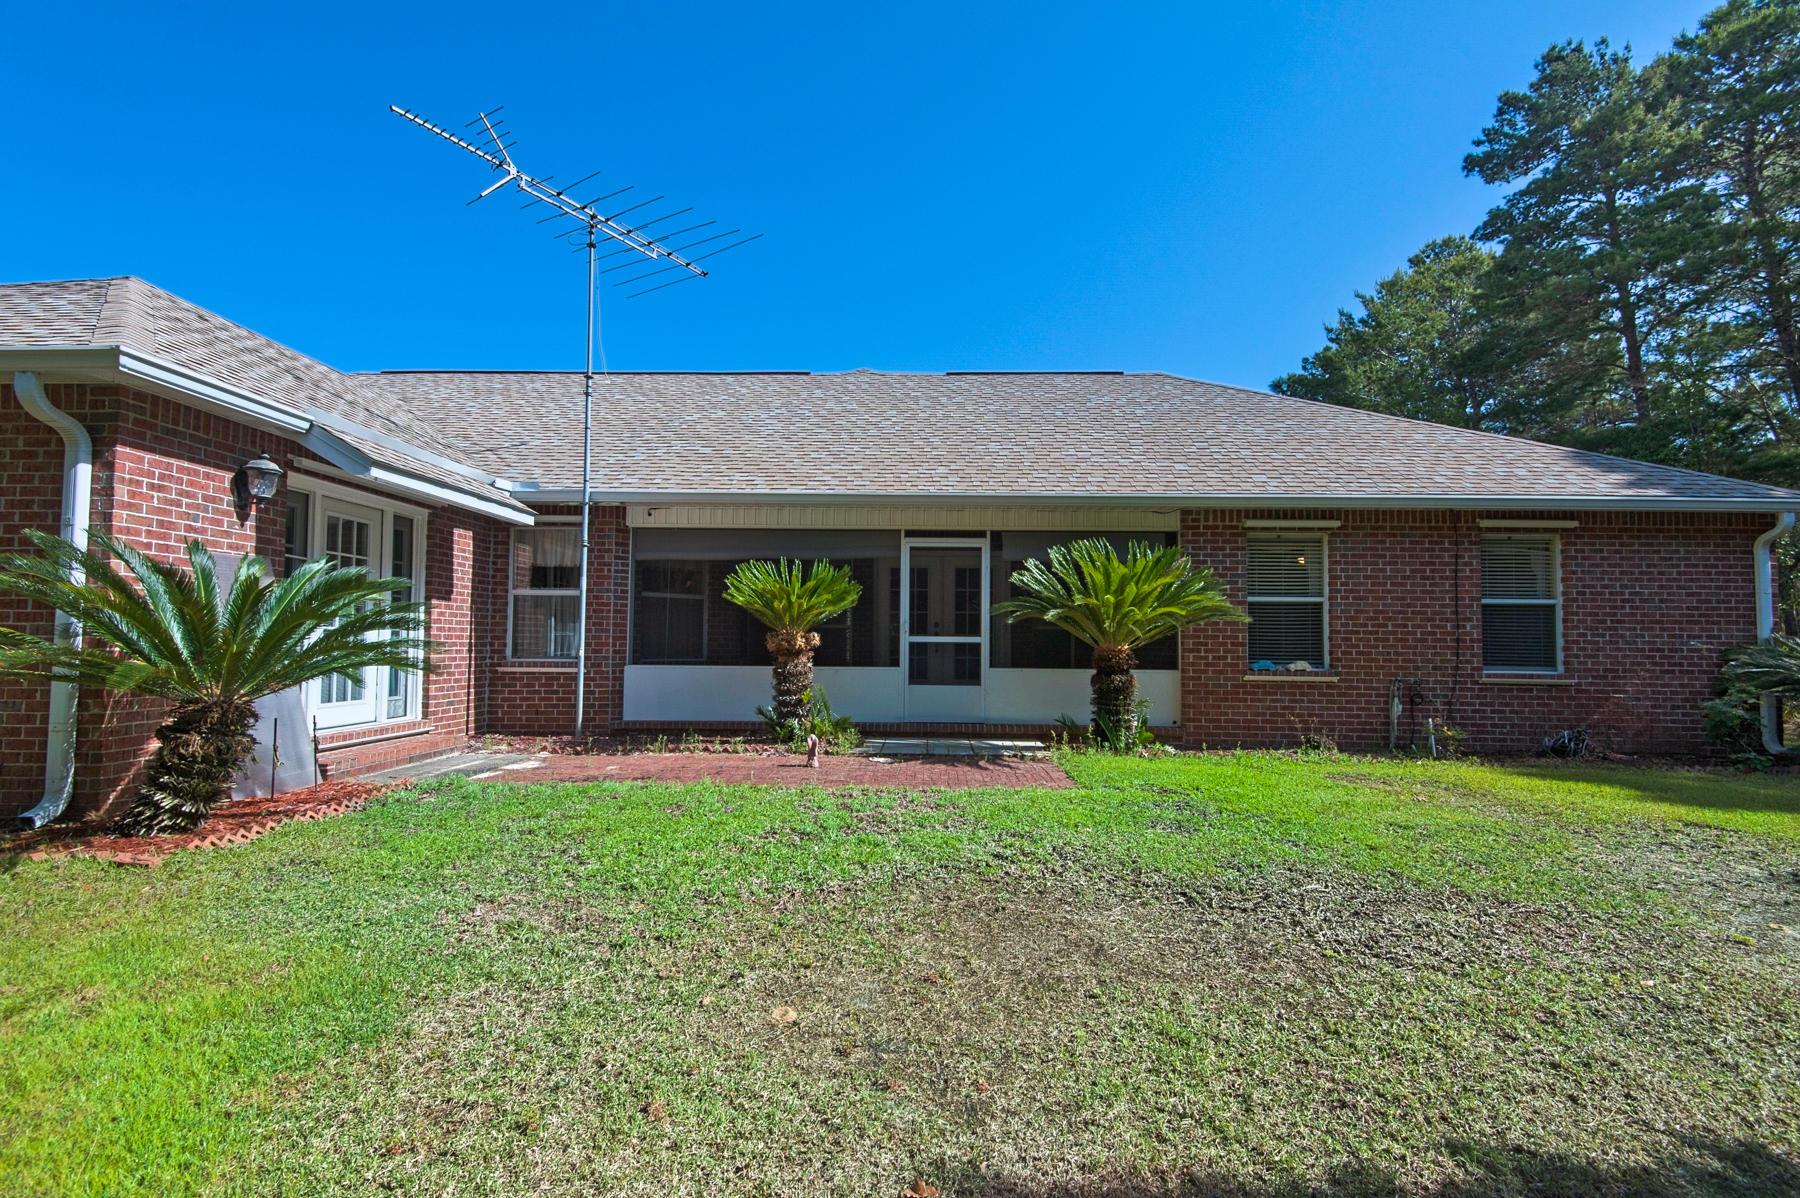 Photo of home for sale at 225 Sugar Cove, Santa Rosa Beach FL